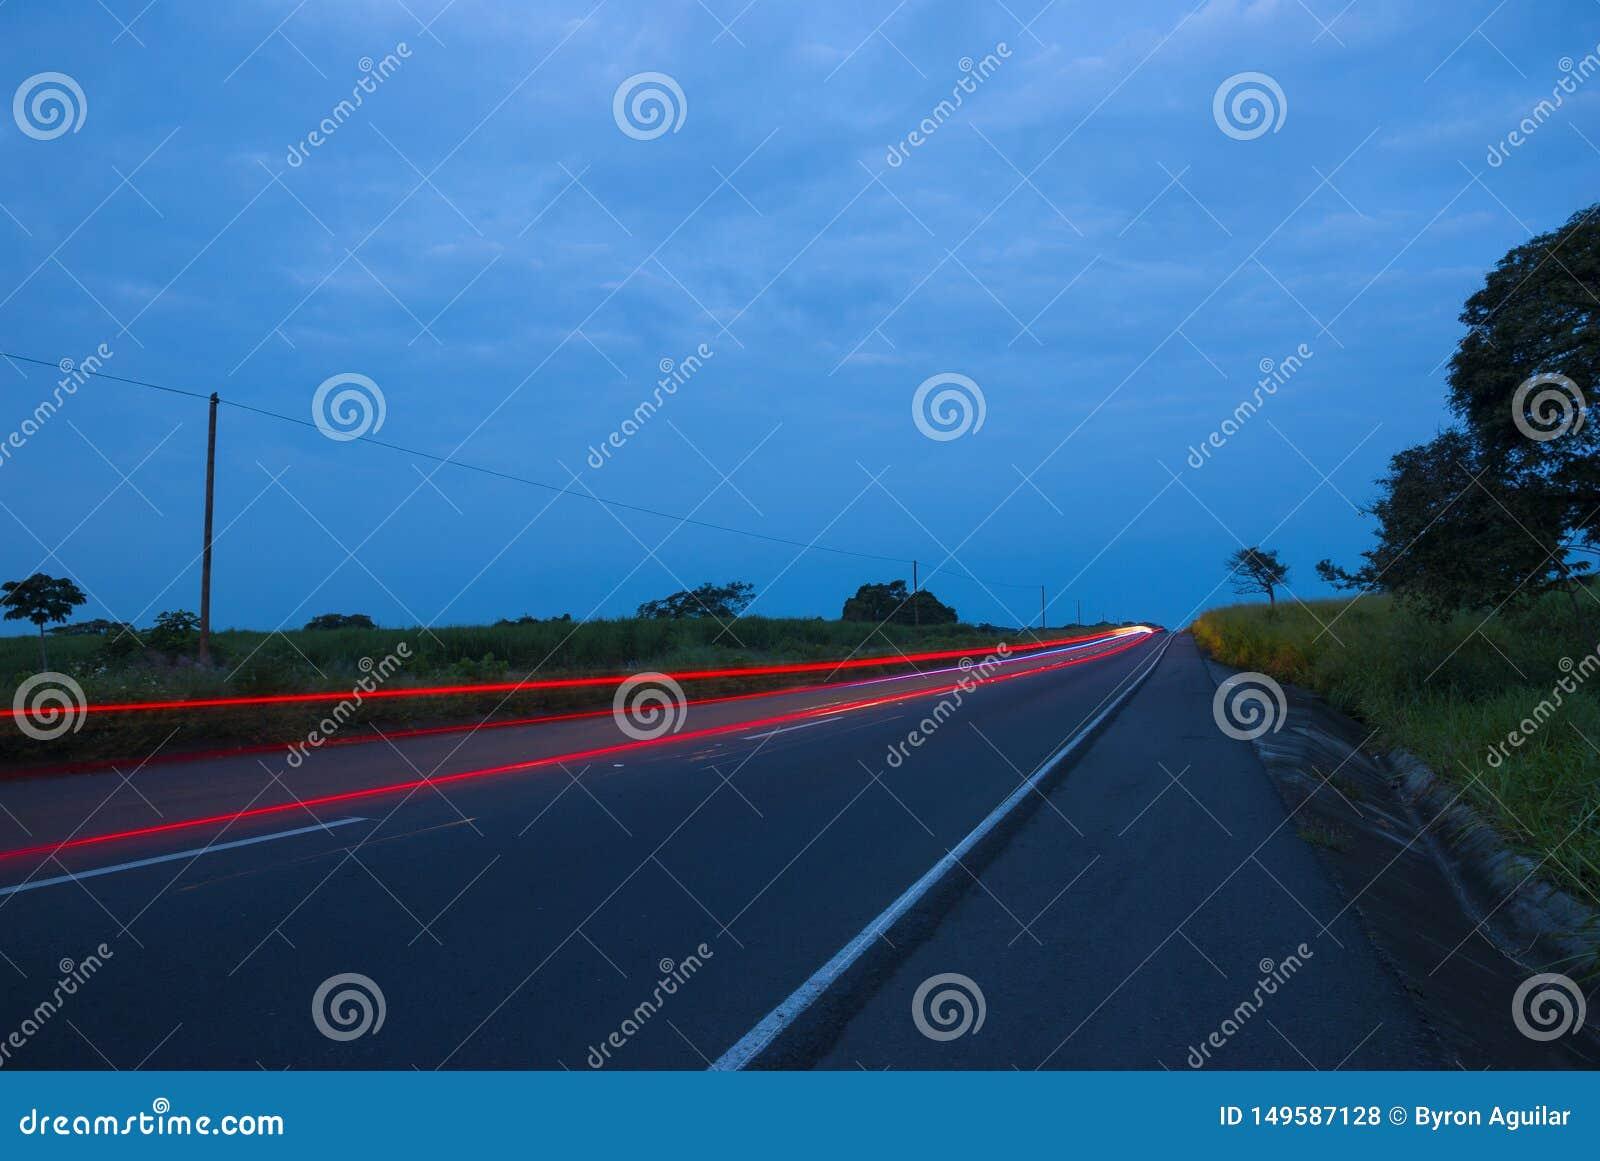 汽车speedingon高速公路,危地马拉,美国中部,速度汽车